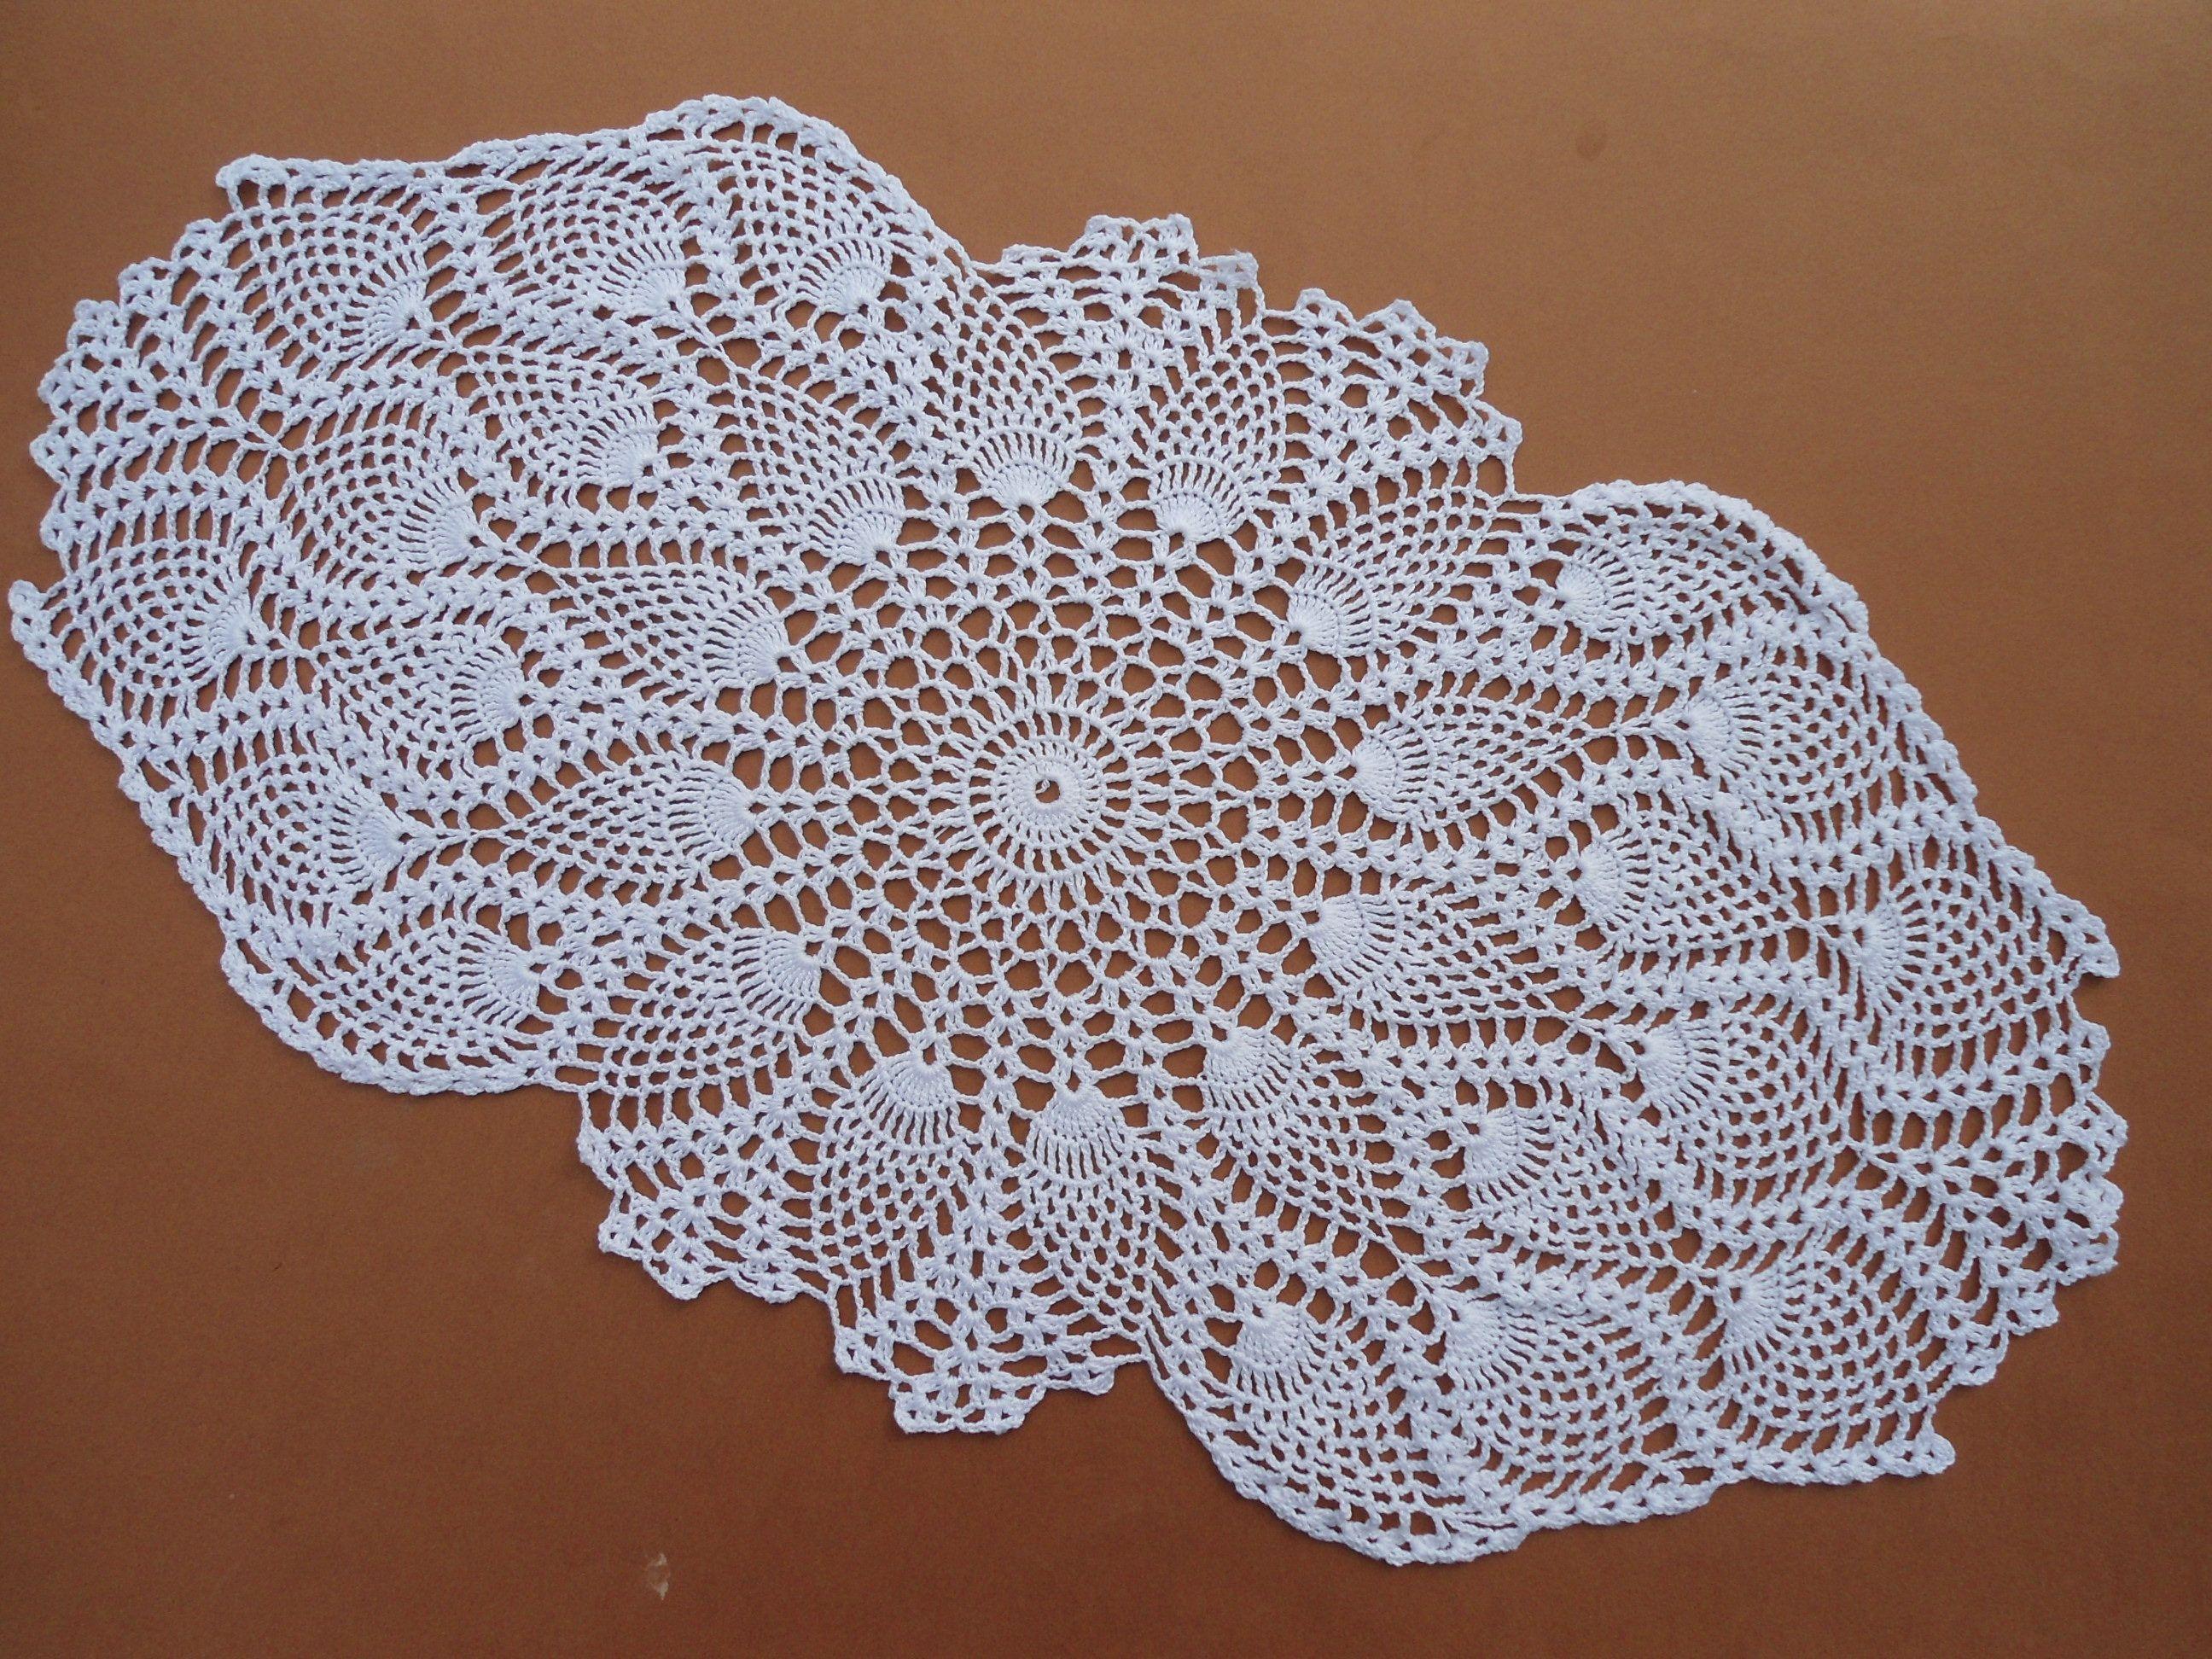 Pineapple Crochet Doily Diagram Dvc6200 Wiring Oval Table Runner White